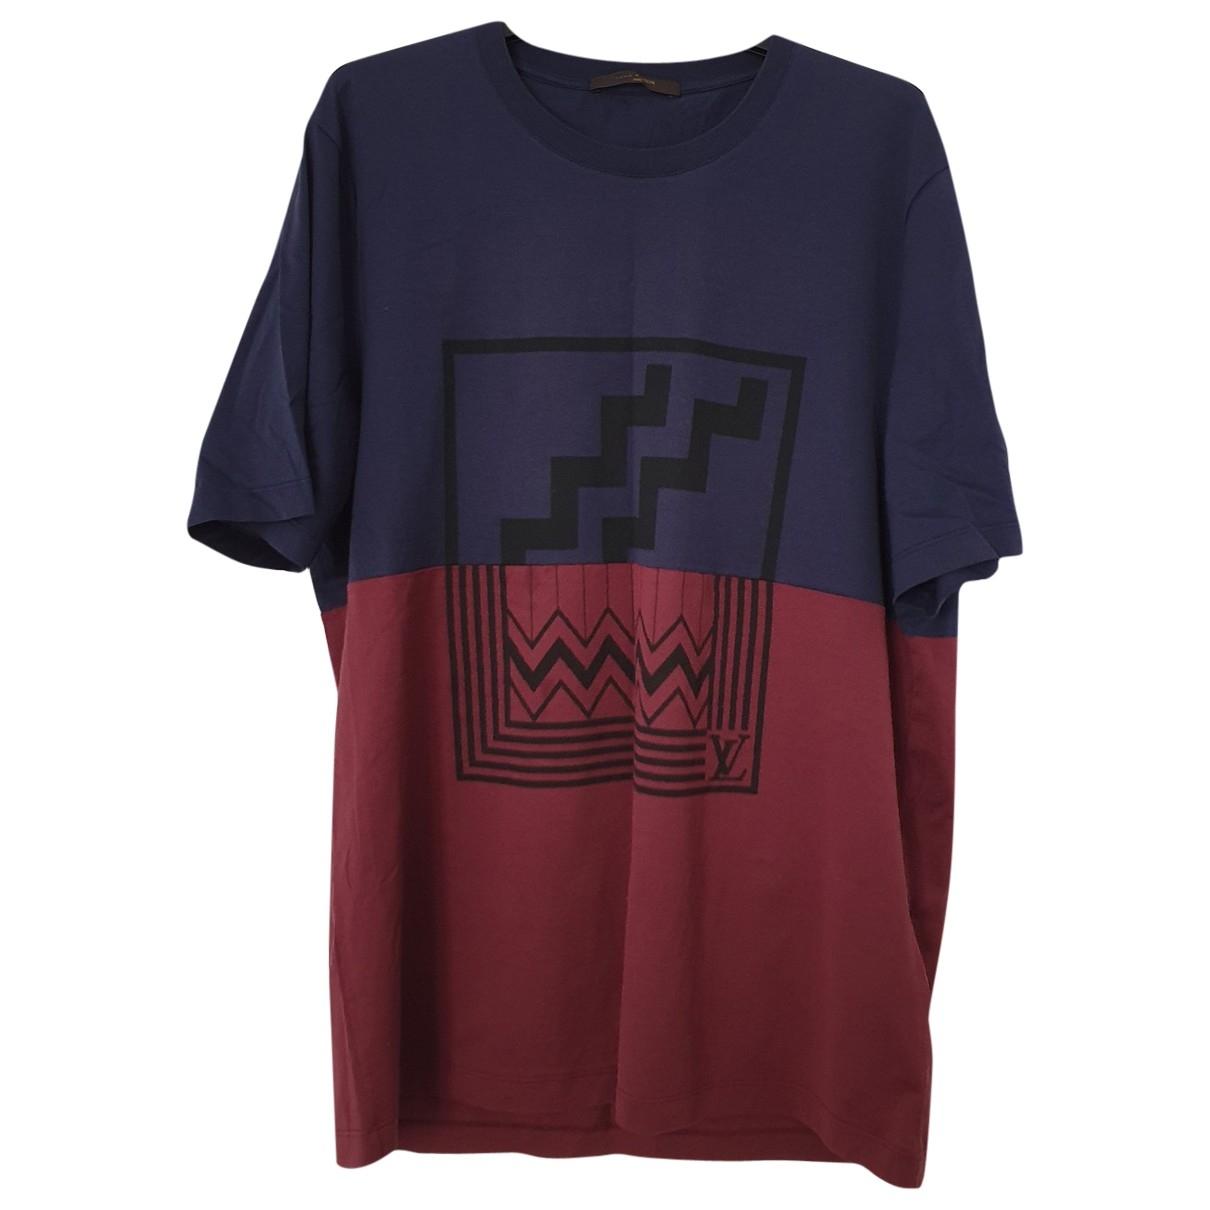 Louis Vuitton - Tee shirts   pour homme en coton - multicolore